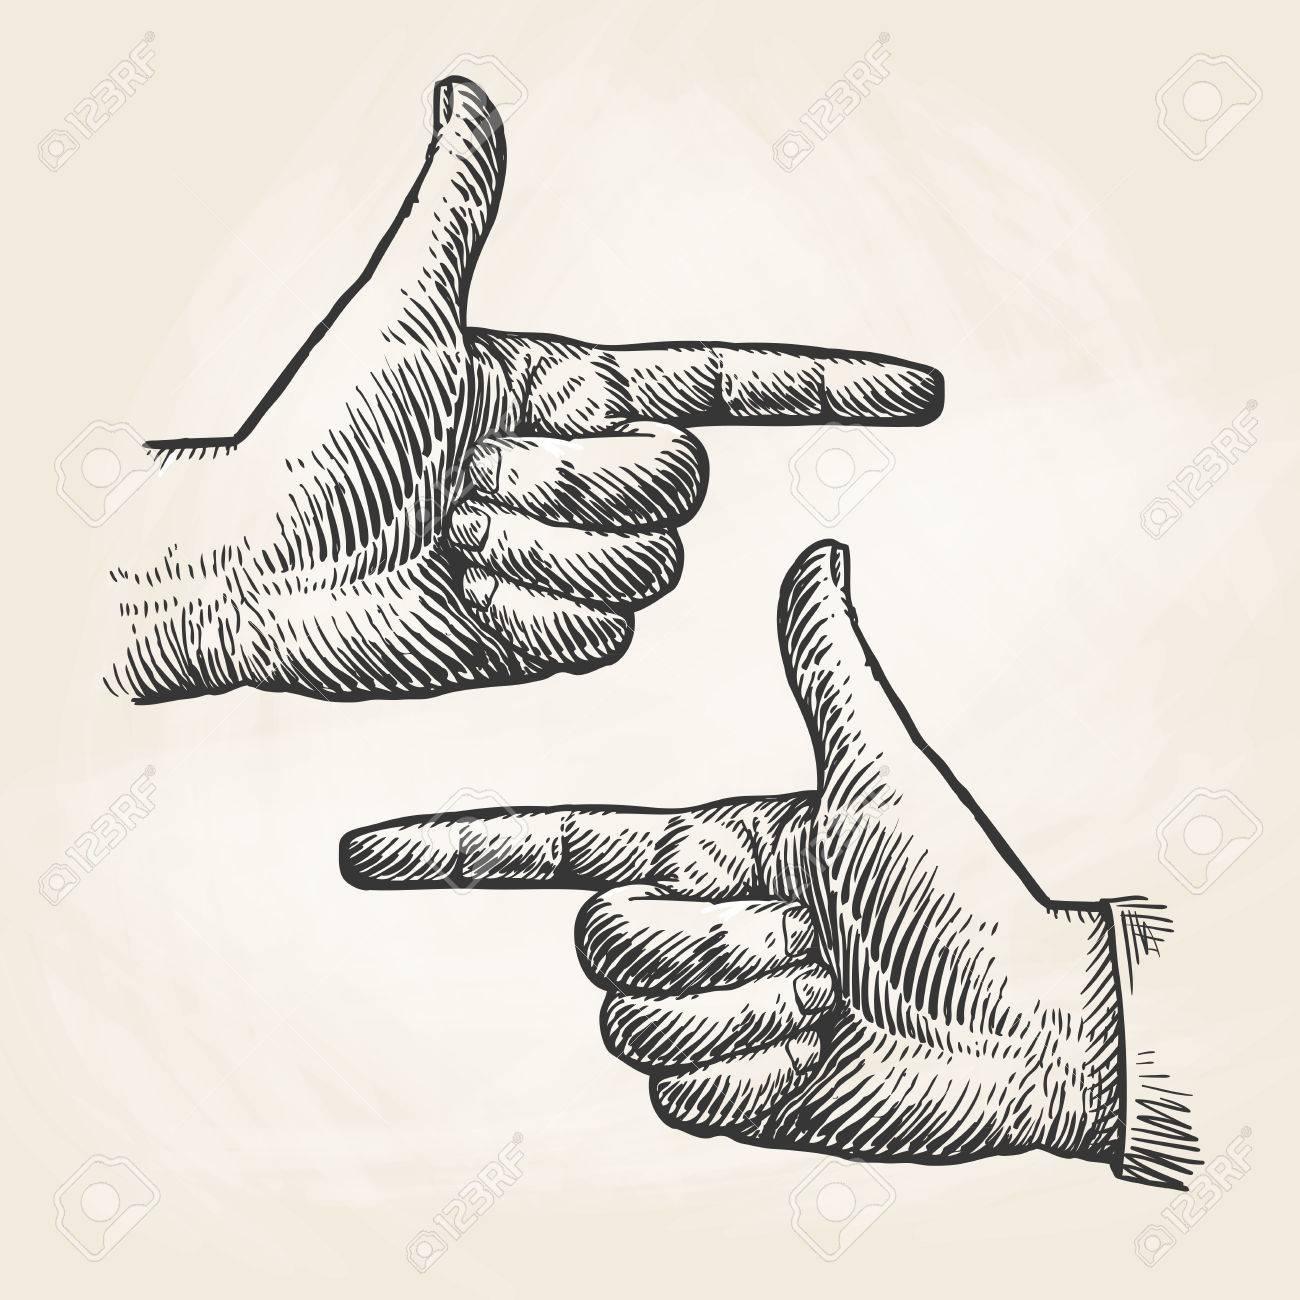 1300x1300 Vintage Pointing Hand Drawing. Forefinger, Index Finger Sketch